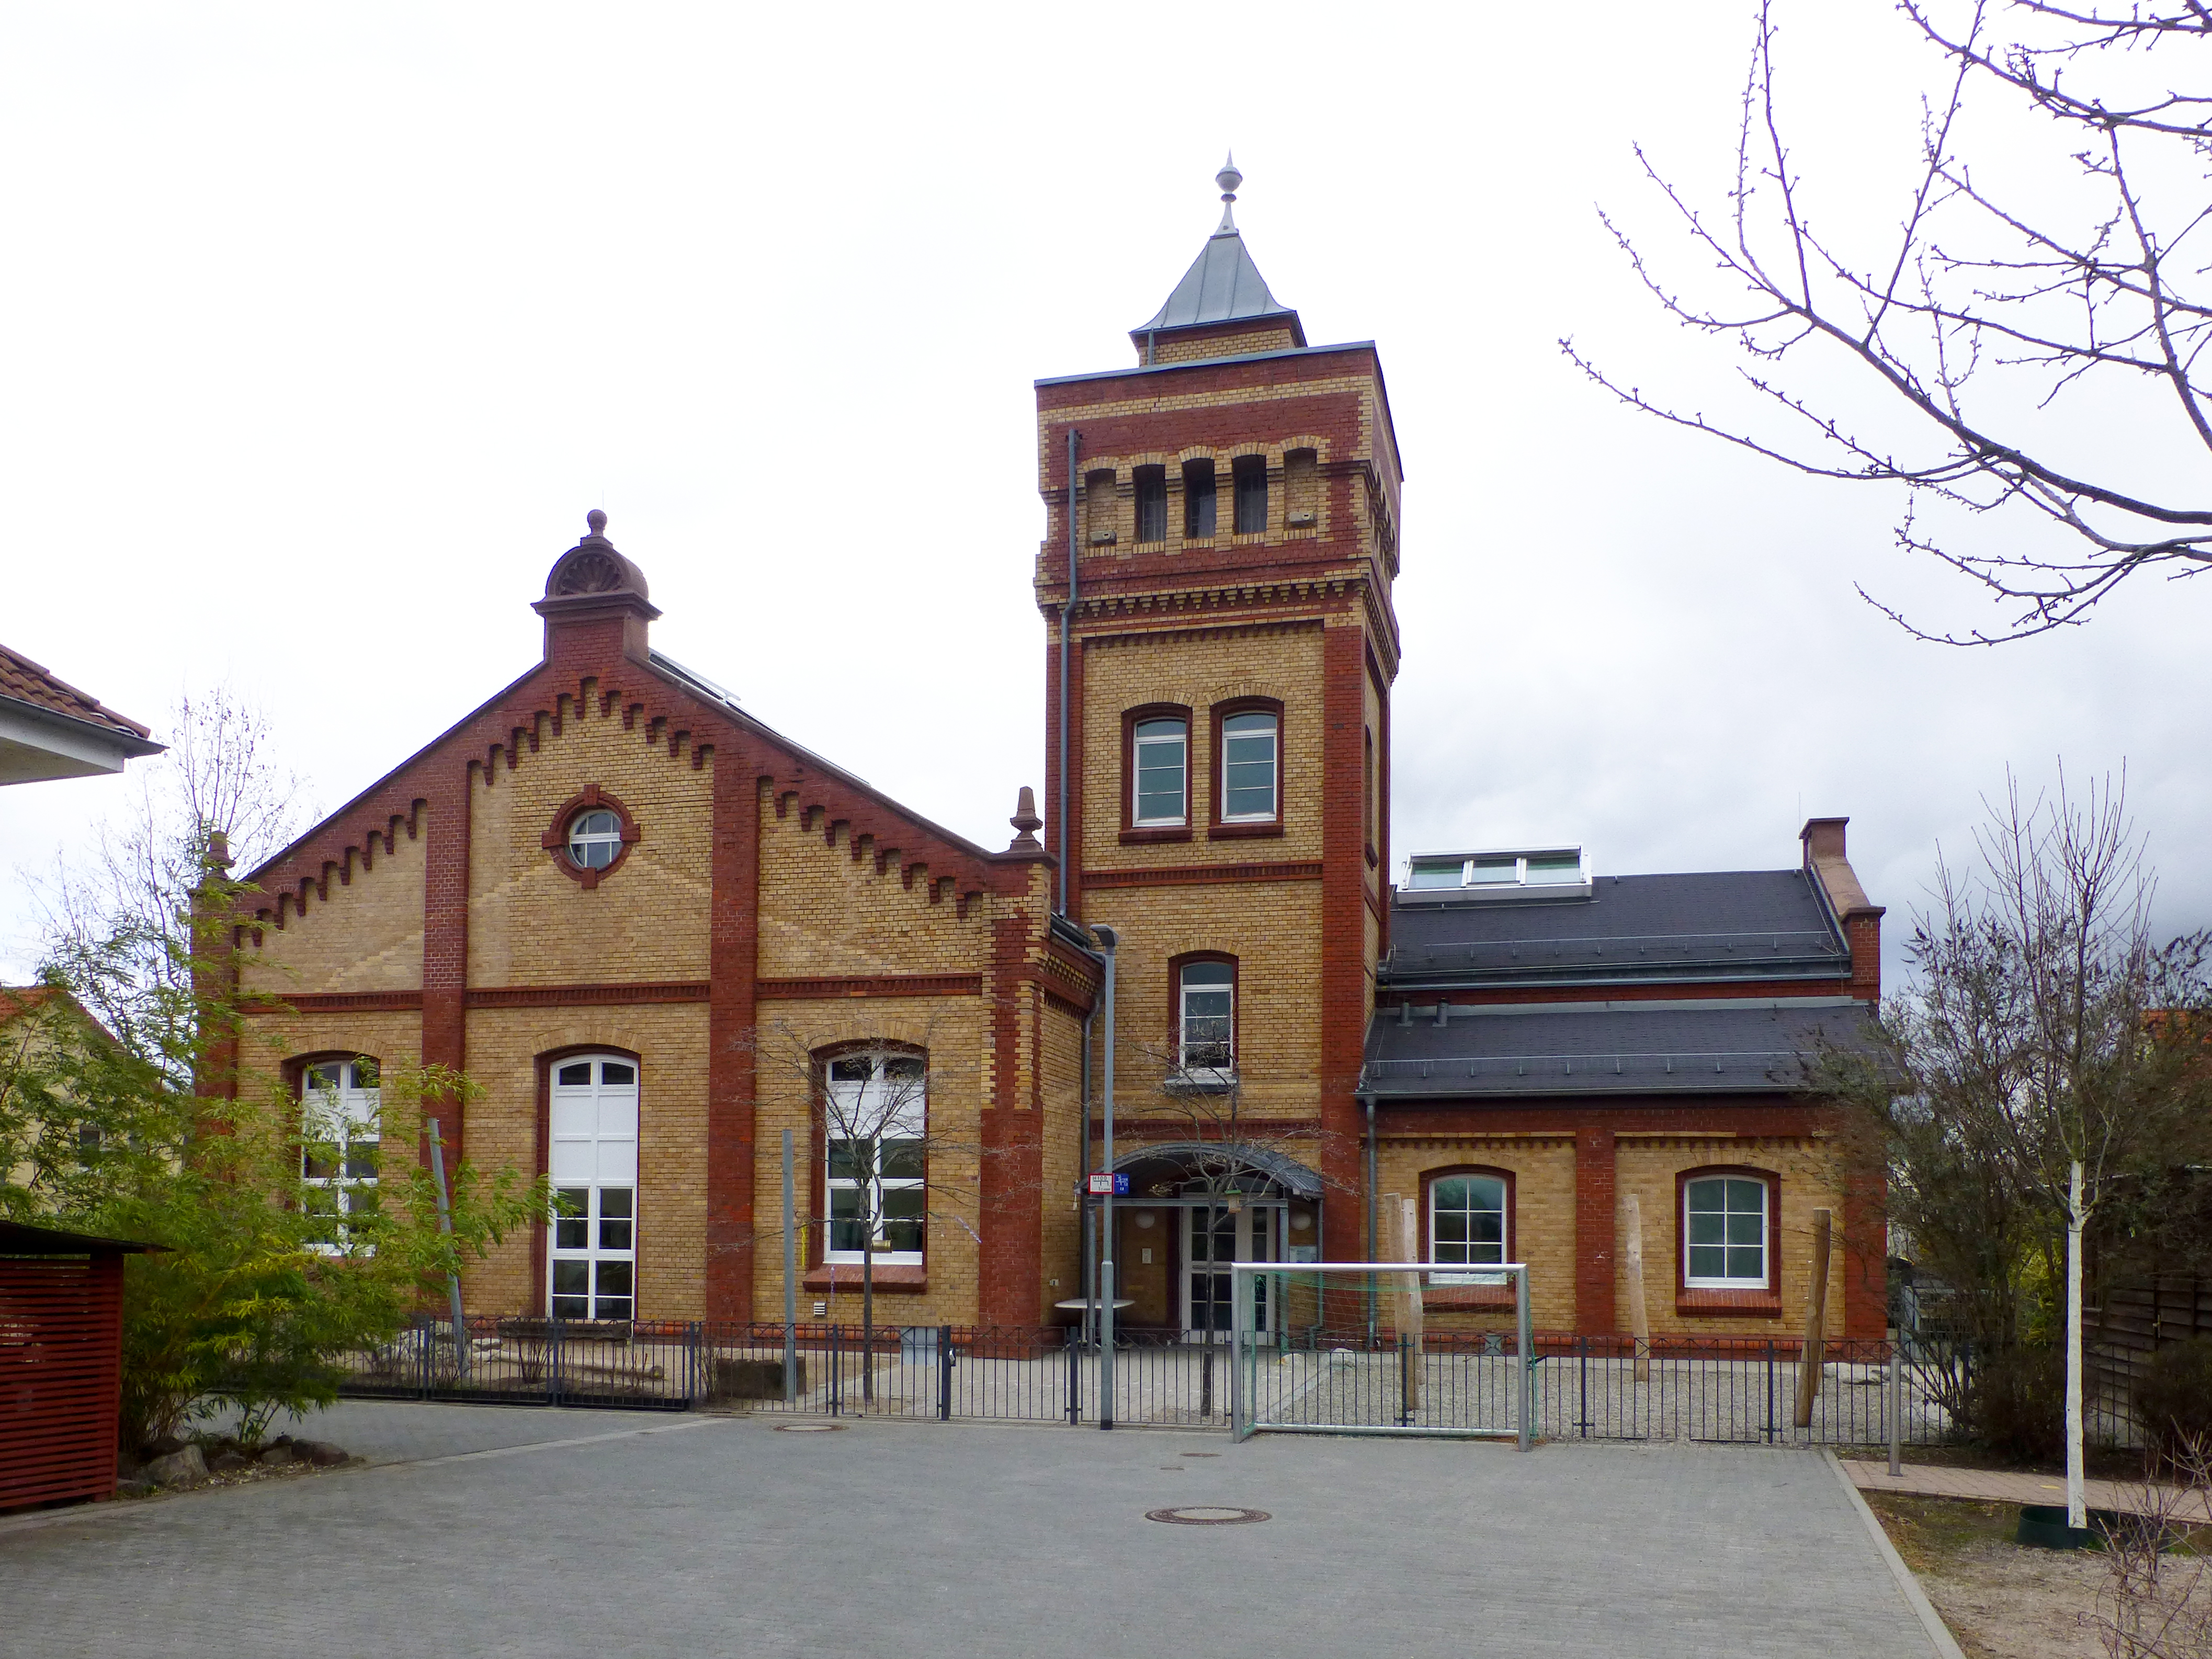 File:Bensheim-Auerbach, Ehemaliges Elektrizitätswerk-01.jpg